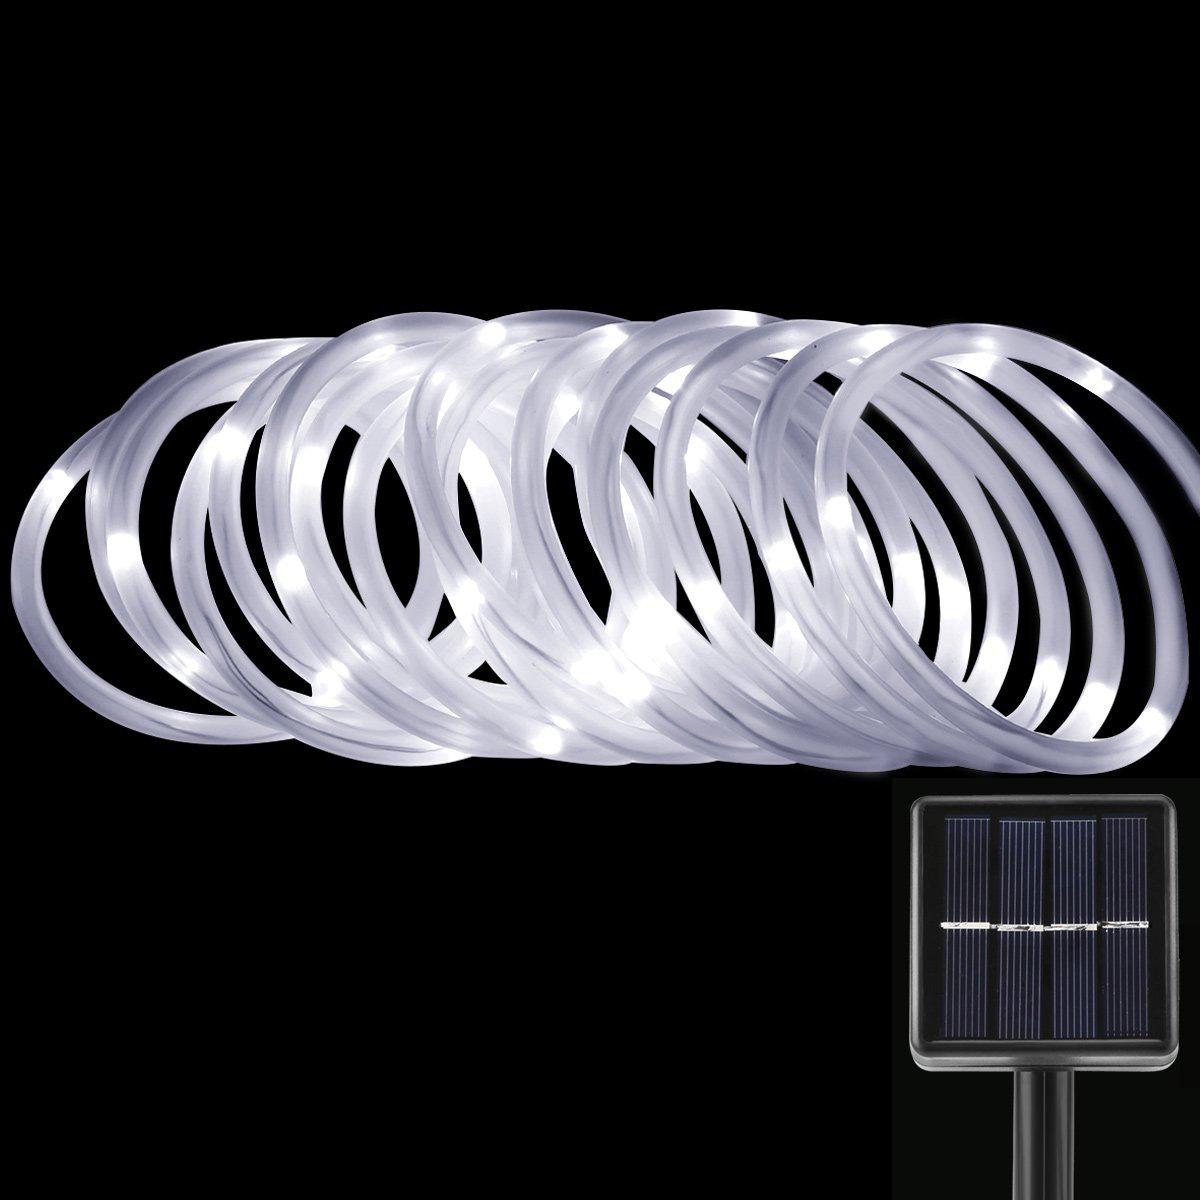 LED Solarlichterkette, Kaltweiß, 5 Meter, Wasserdicht, 50 LEDs, 1,2V, tragbar, mit Lichtsensor, Außenlichterkette